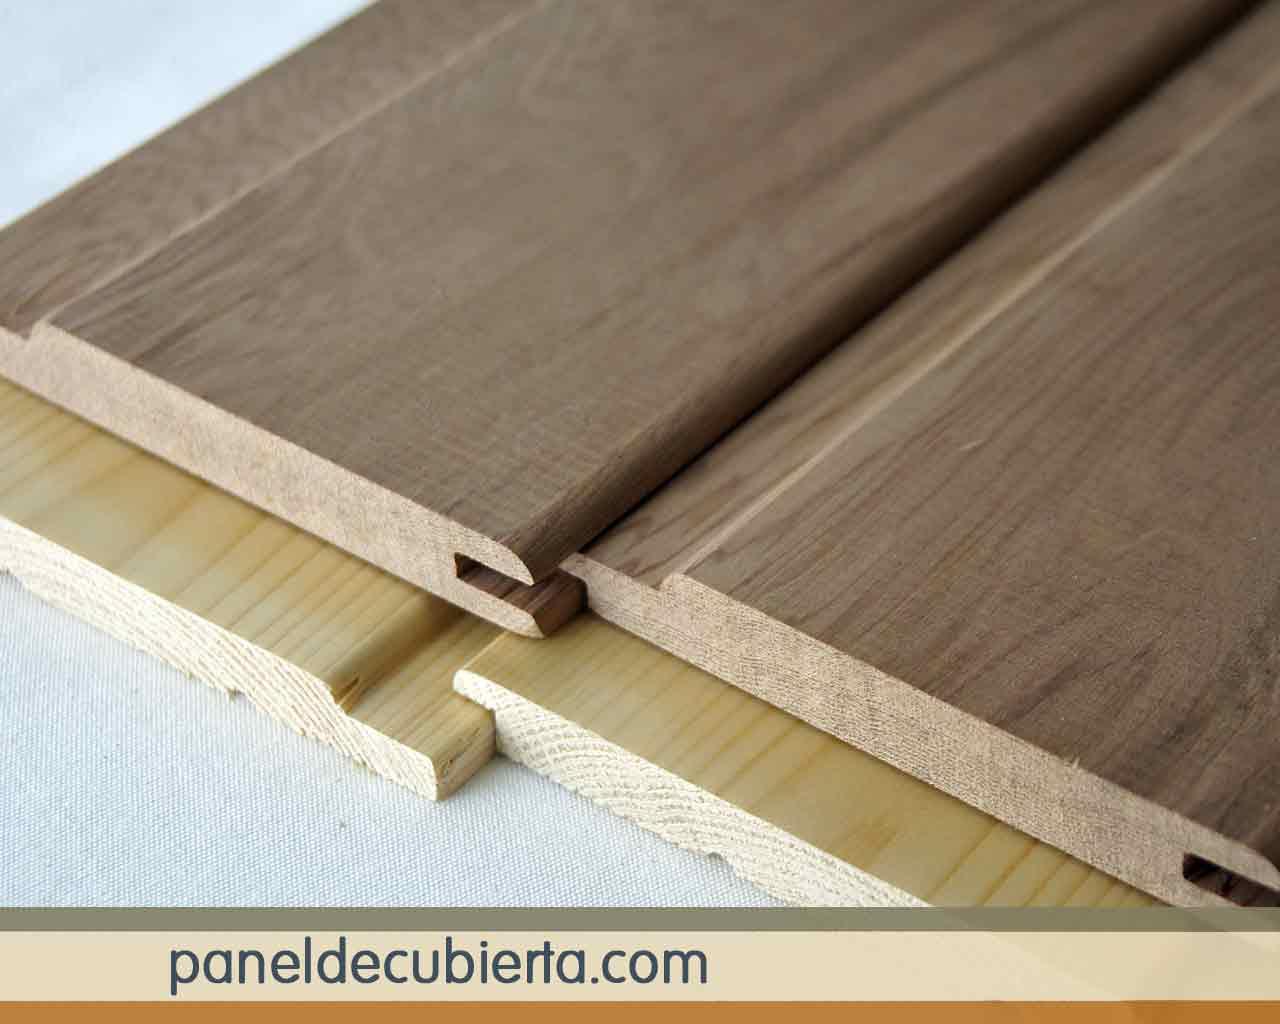 Moldura de friso de madera.